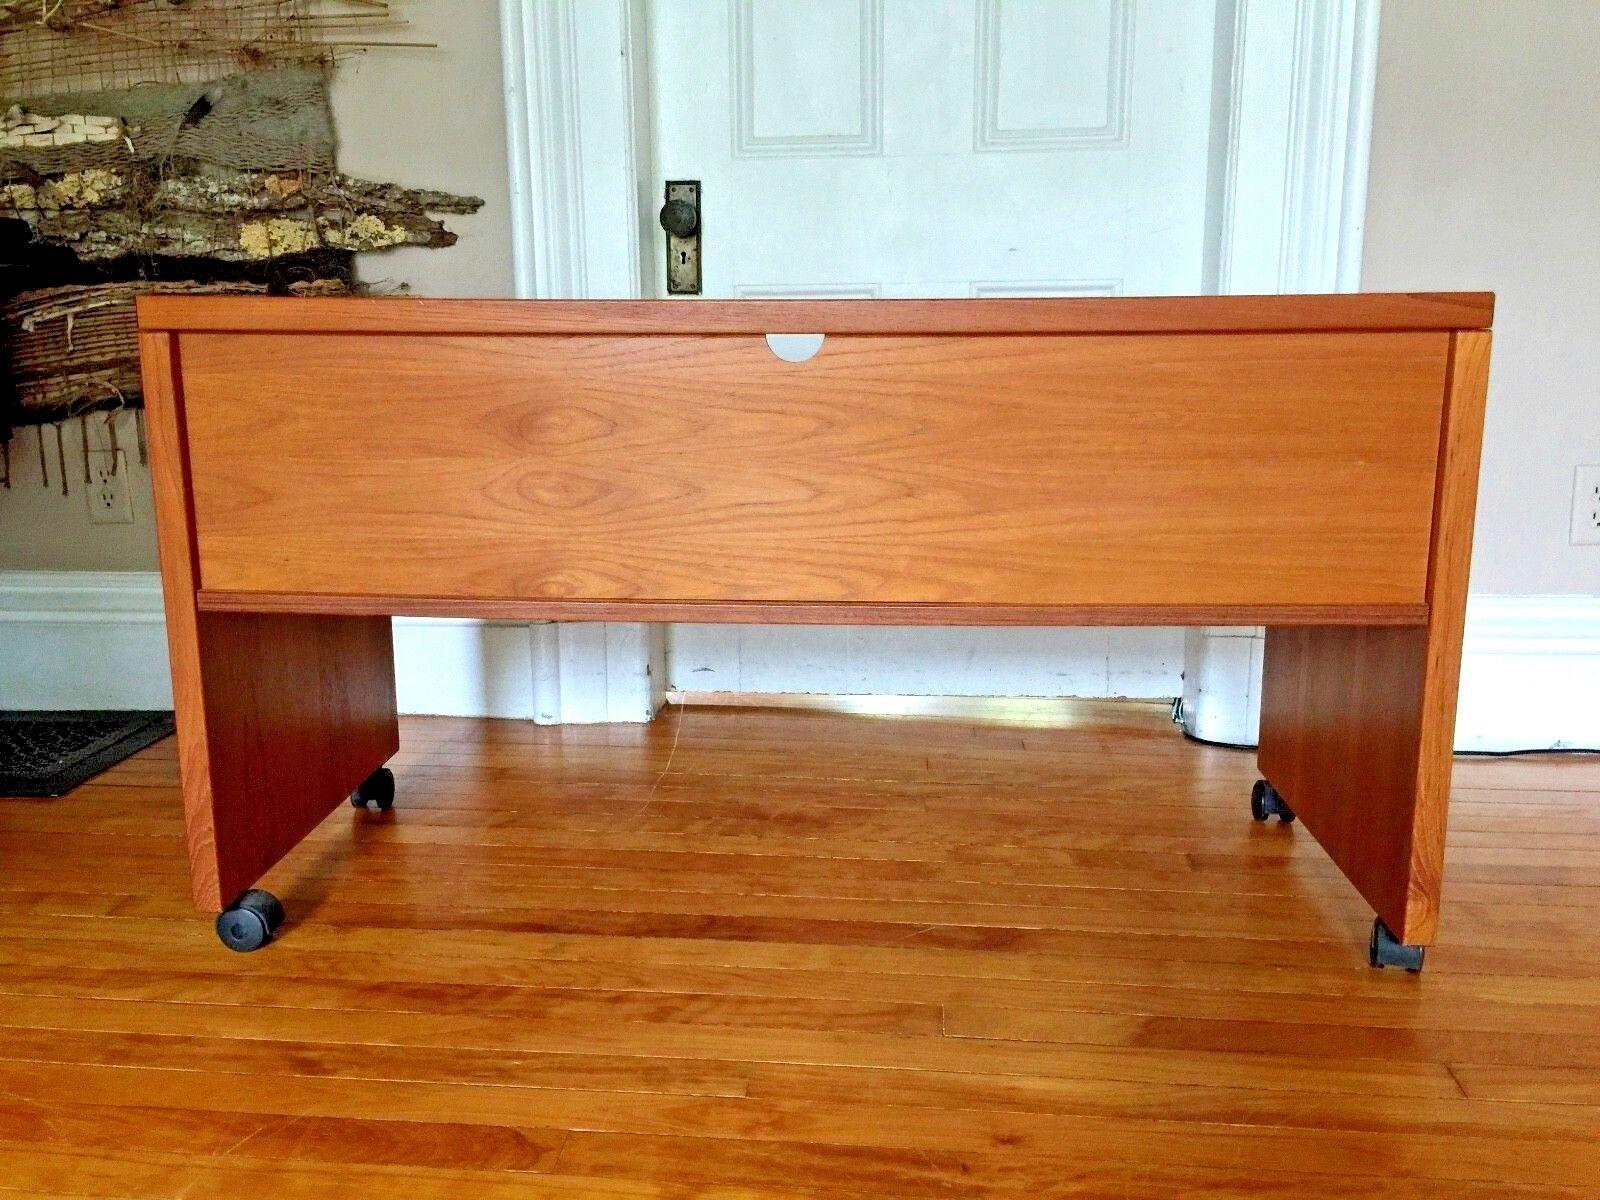 Vintage Denmark Teak Desk By JESPER - $449.99